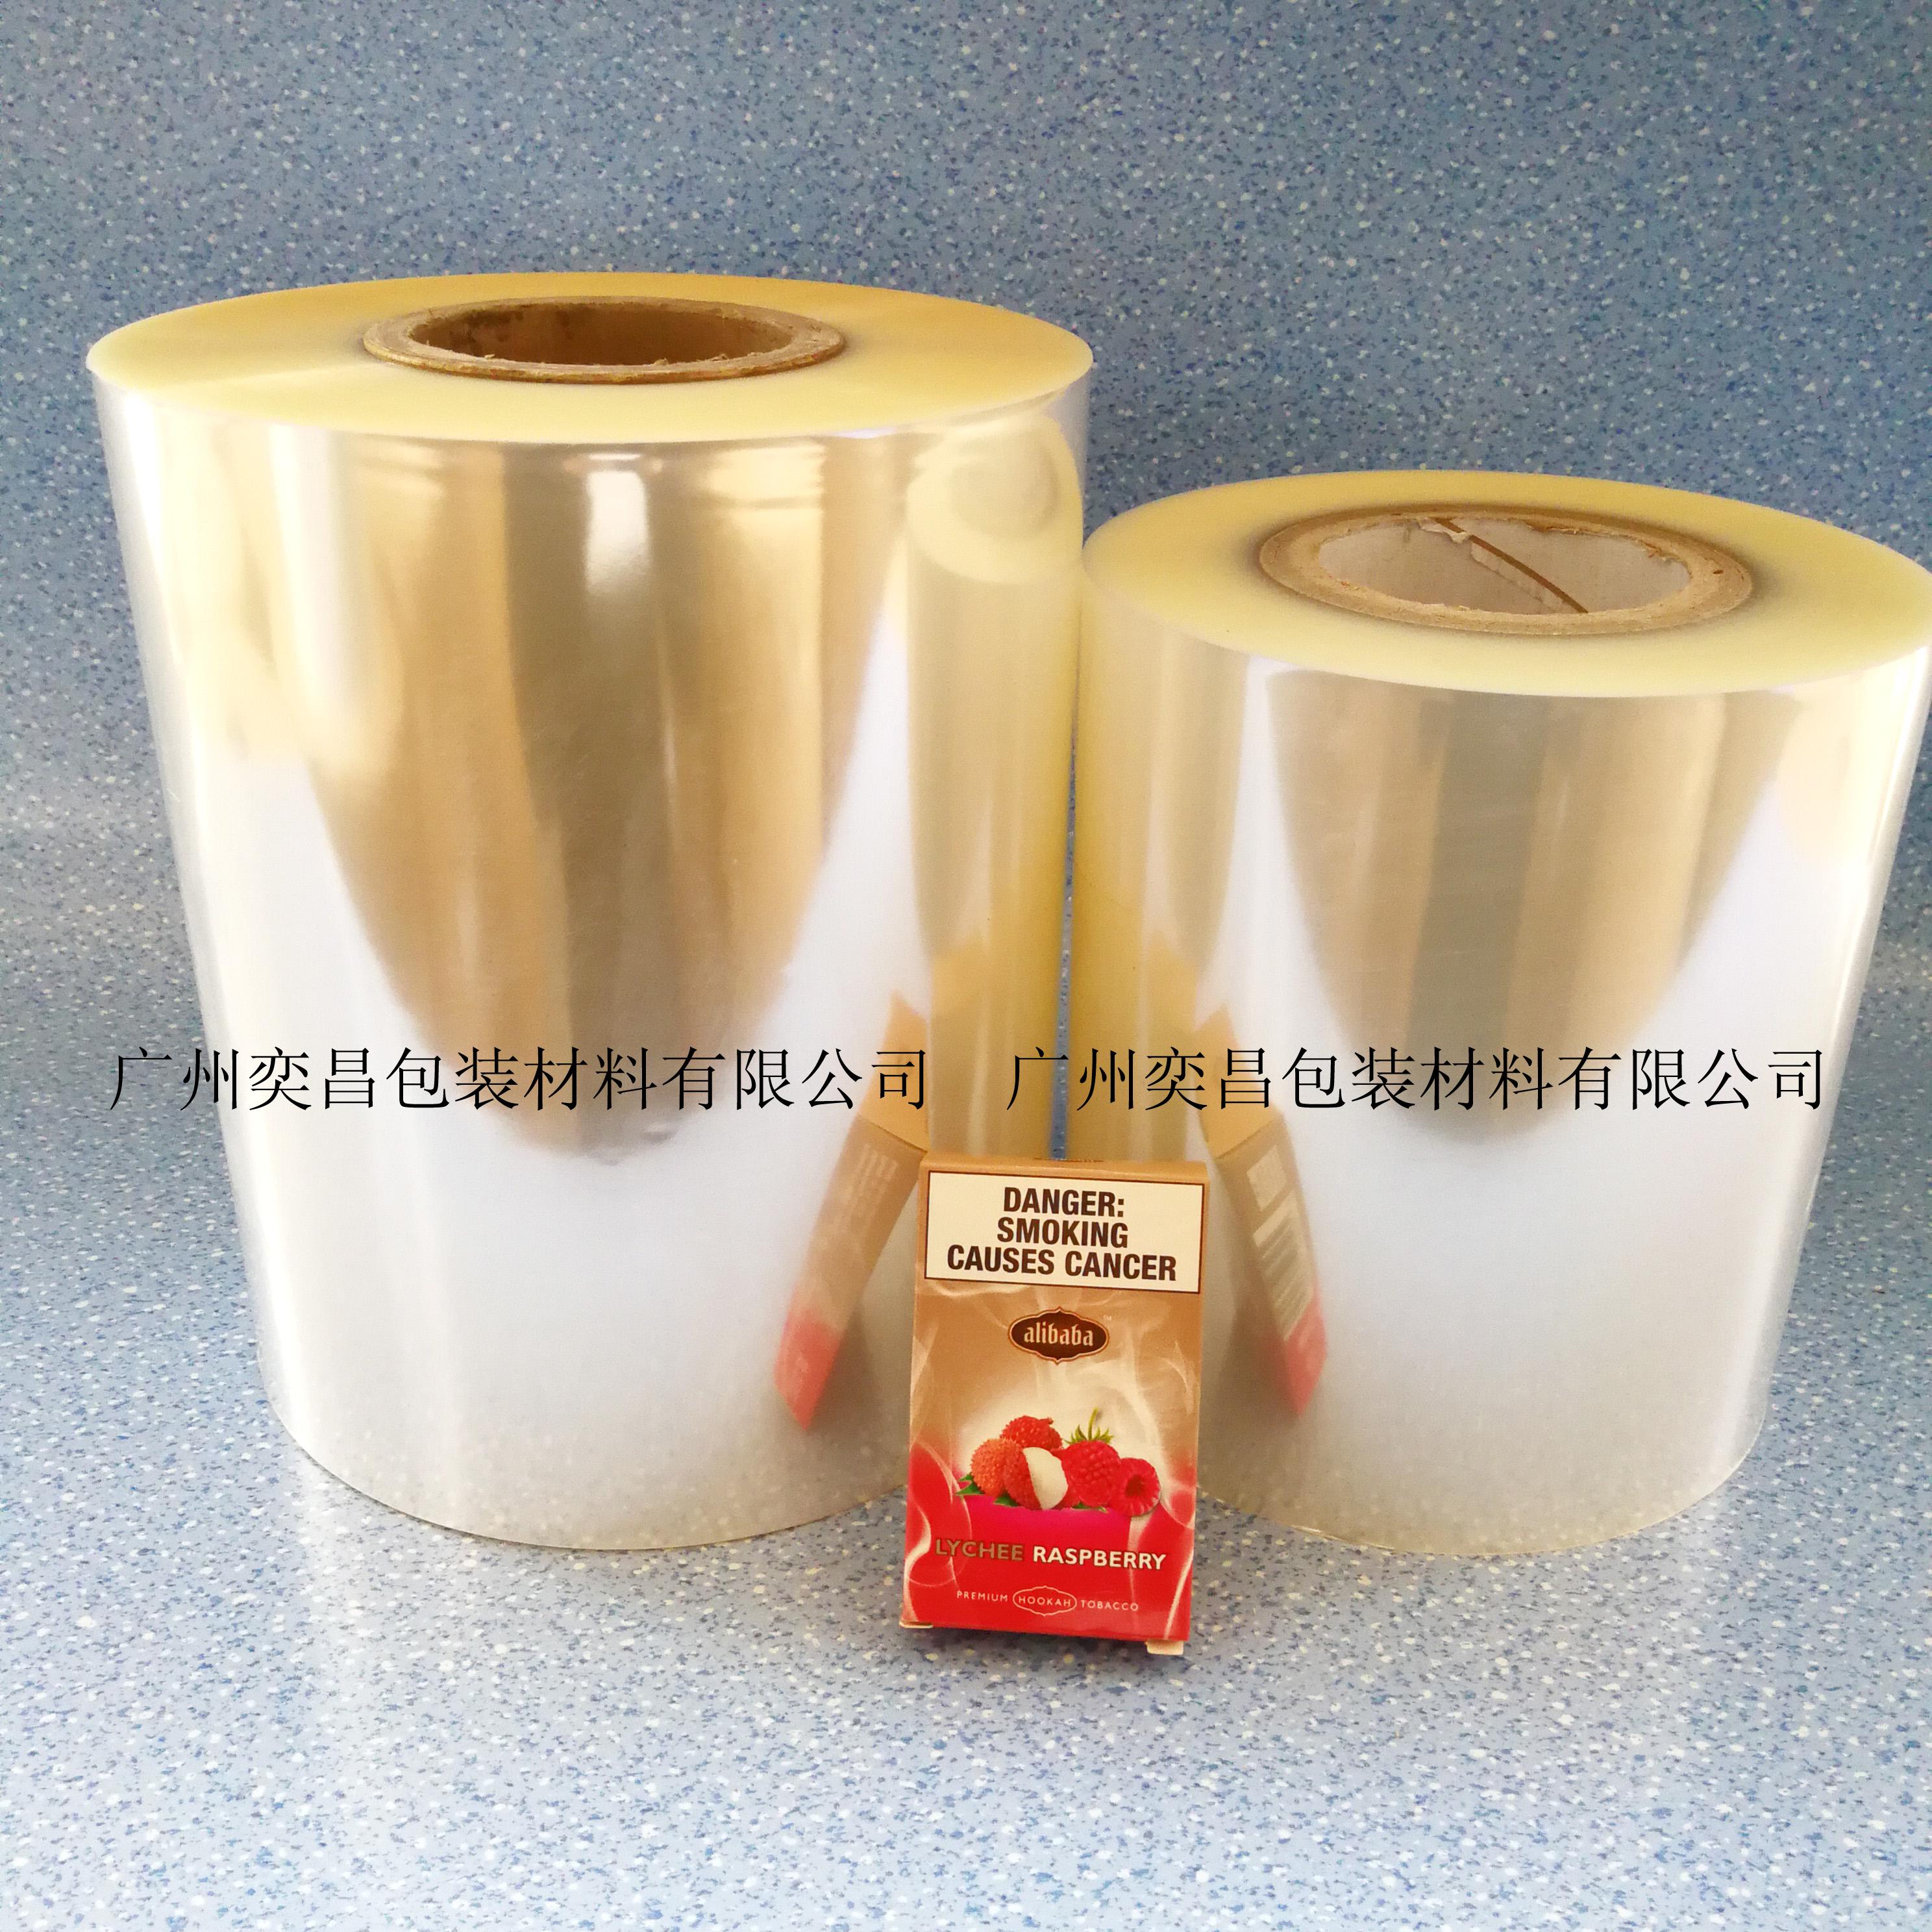 Bopp пакет Пленка для упаковки чая косметическая пластиковая сигарета пакет Мембранная пищевая термогерметичная трехмерная машина пакет Загрузка пленки, отгрузка образцов